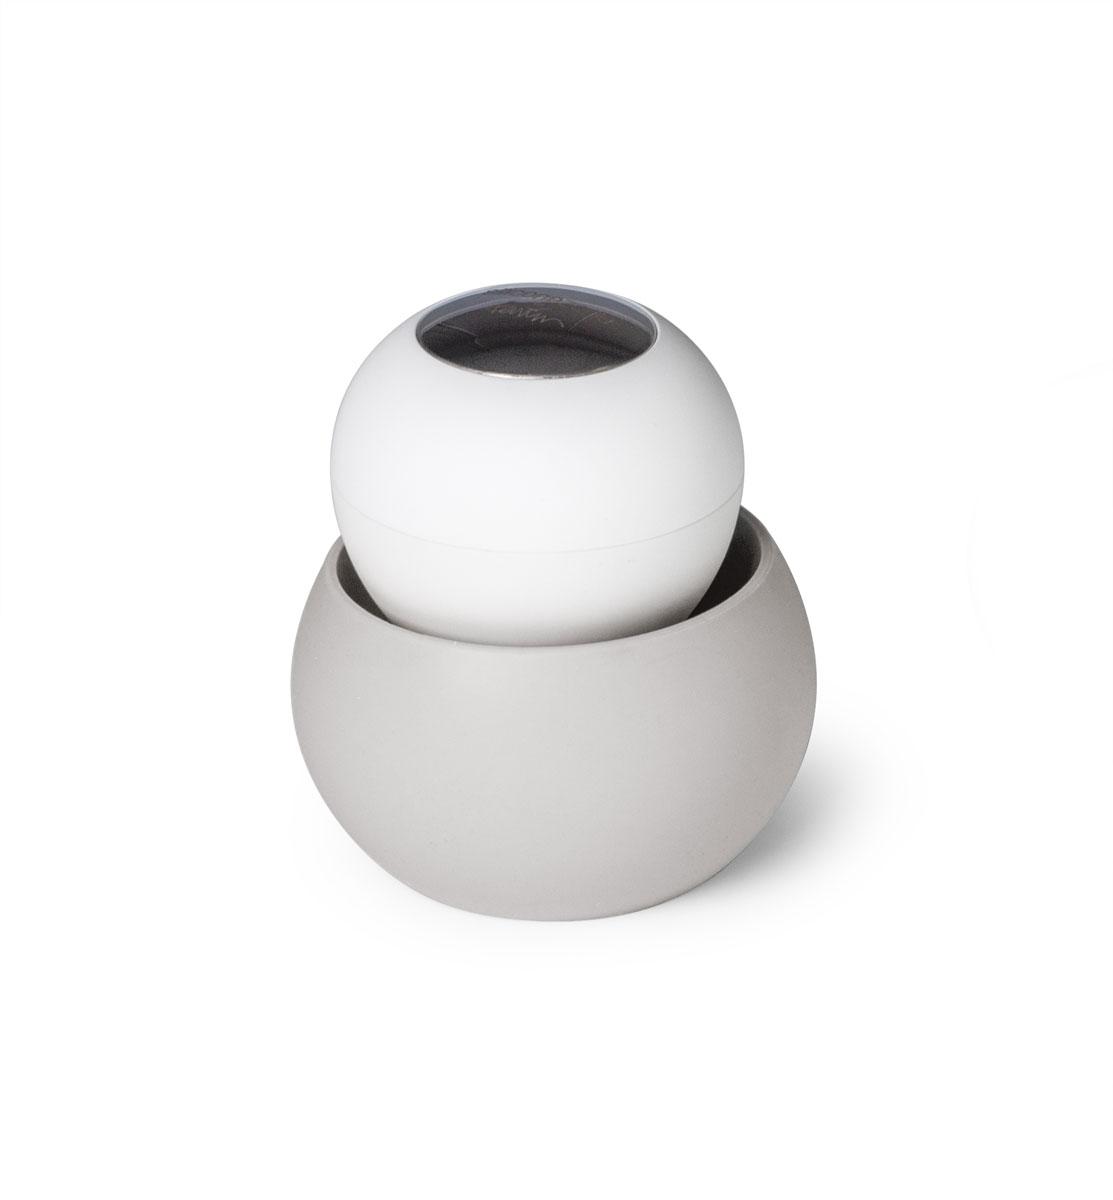 Щетка для мытья посуды SiliconeZone, цвет: серый, белый, 9 х 9,5 смSZ11-KS-11664-ABЩетка SiliconeZone проста в использовании, ее ручка не скользит и легко помещается в руках, а мягкая нейлоновая щетина эффективно чистит. Нержавеющая сталь на крышке позволяет нейтрализовать любые запахи, которые руки могут приобретать во время чистки посуды. Силиконовая подставка предназначена для сбора лишней воды, чтобы держать столешницу в чистоте все время.